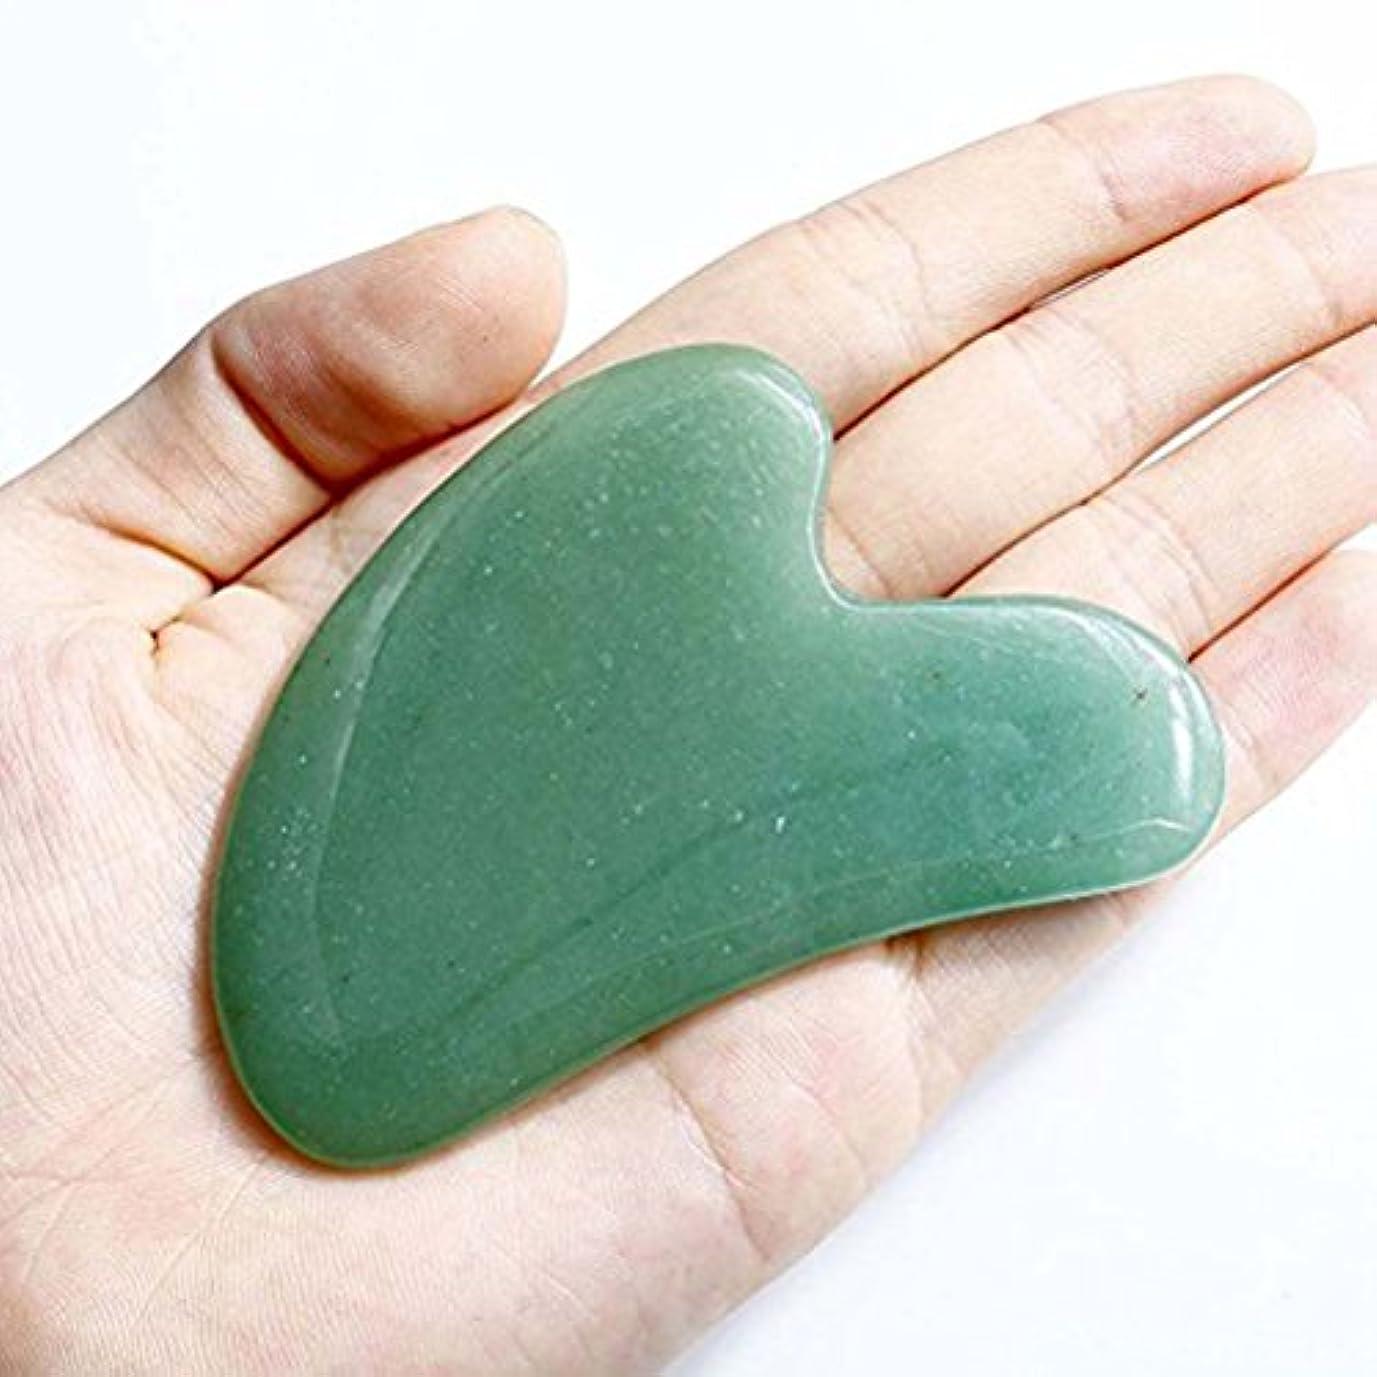 現象縁石合成Echo & Kern Face / Body Massage Green Aventurine heart shape ハート形状かっさプレート 天然石 翡翠色(顔?ボディのリンパマッサージ) (かっさプレートH)